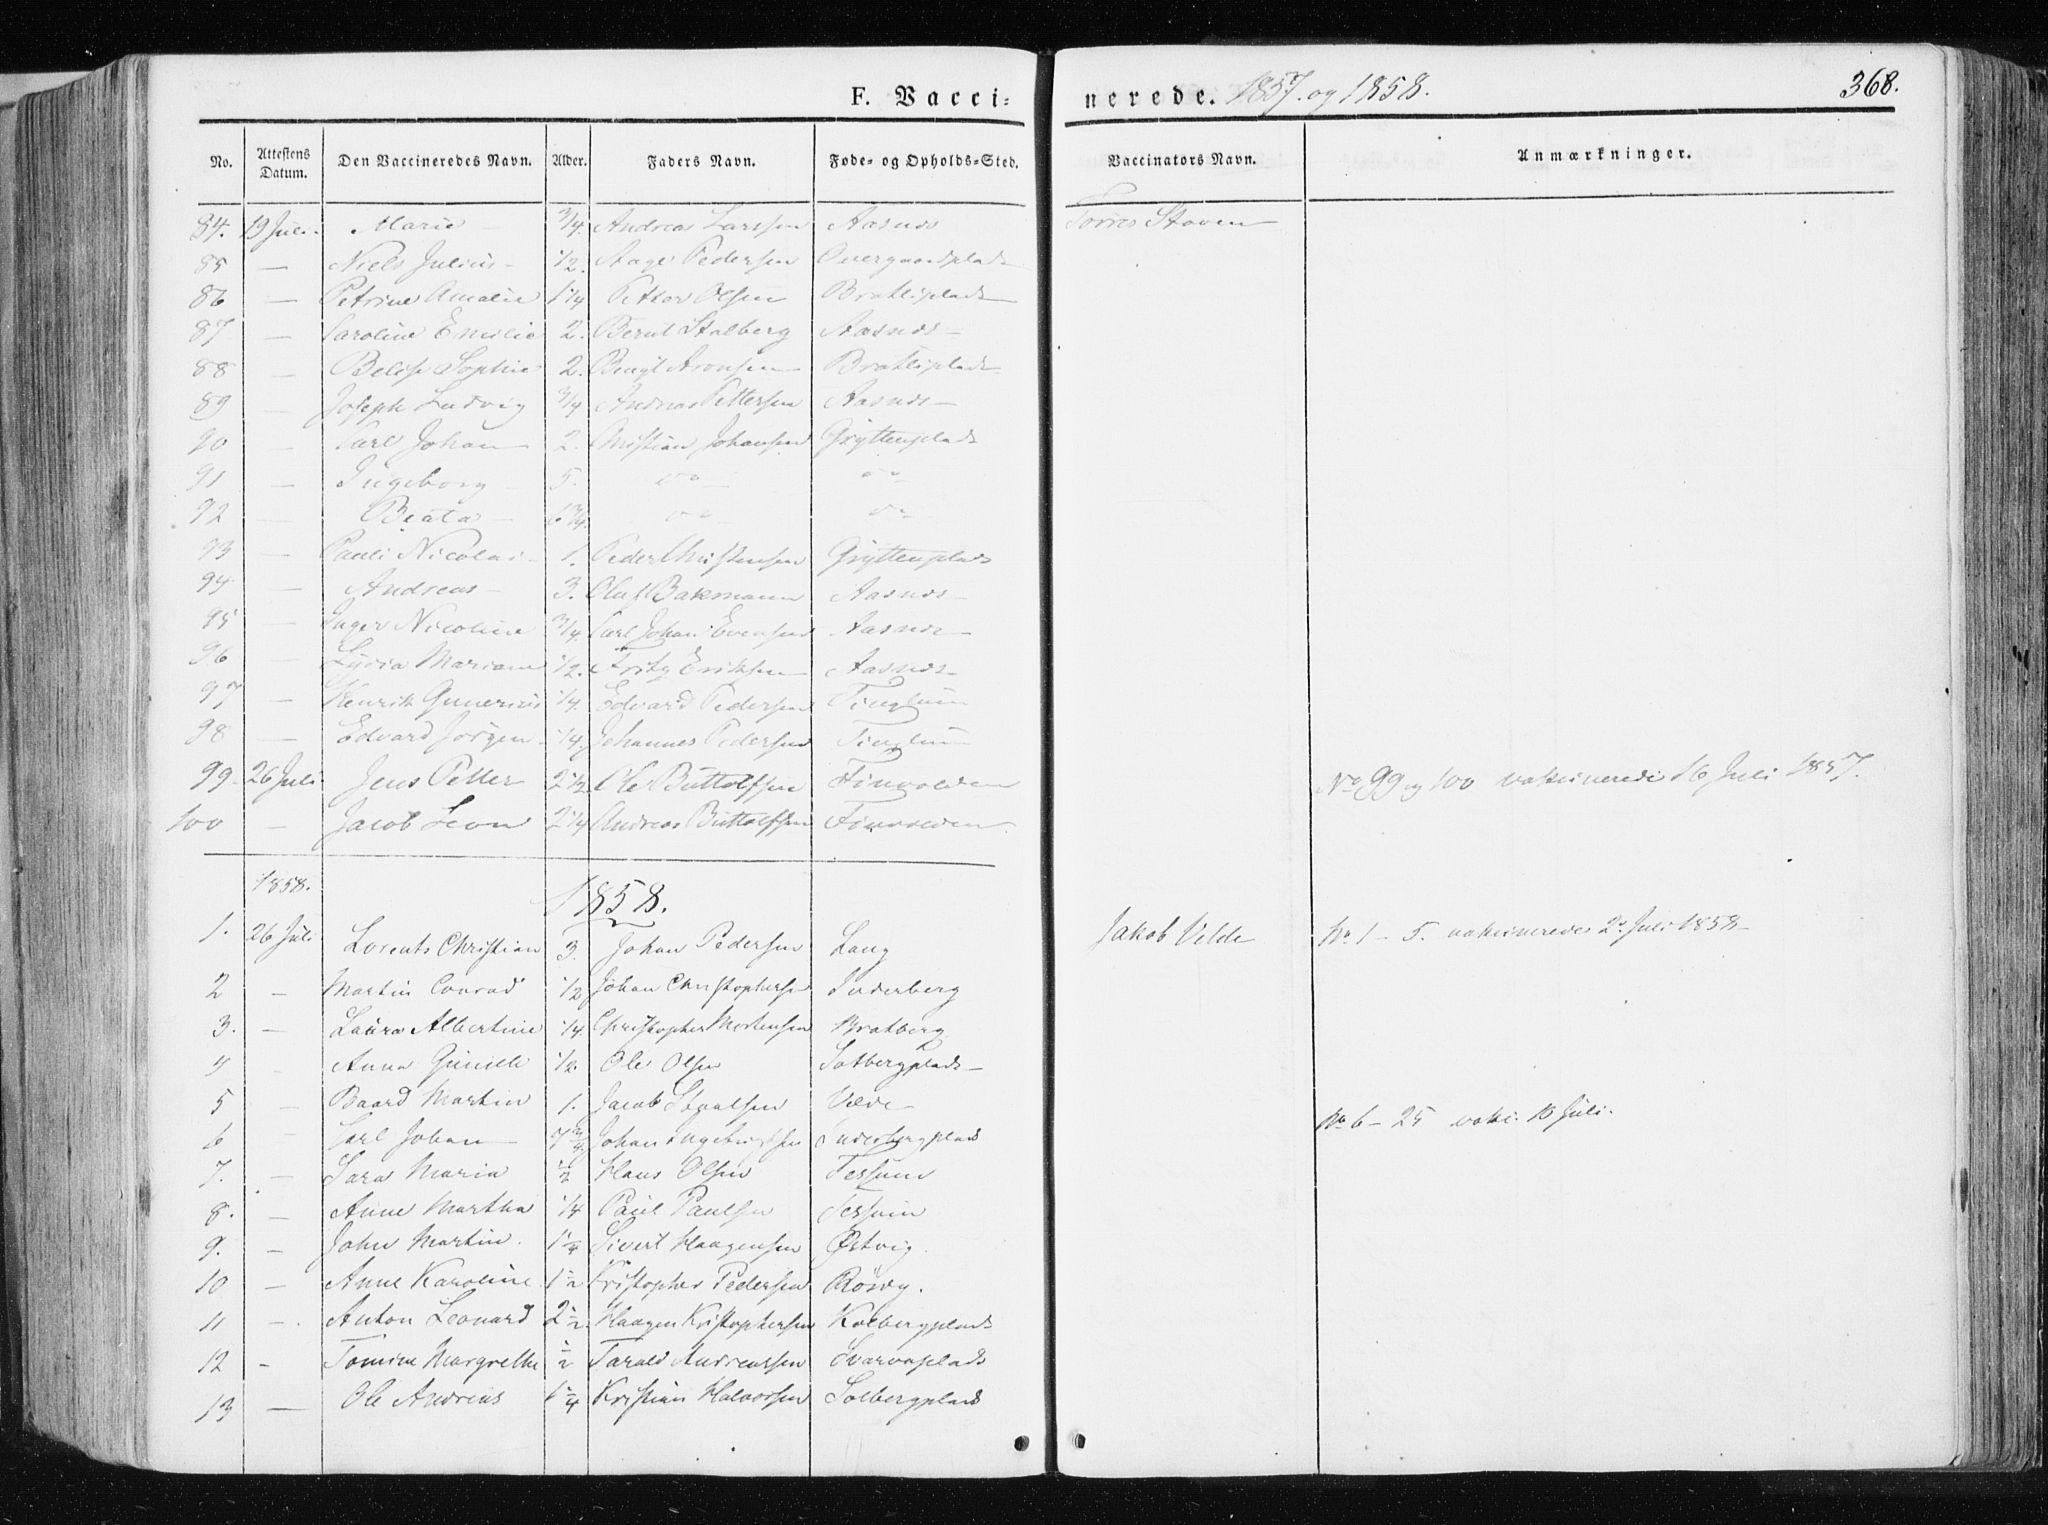 SAT, Ministerialprotokoller, klokkerbøker og fødselsregistre - Nord-Trøndelag, 741/L0393: Ministerialbok nr. 741A07, 1849-1863, s. 368